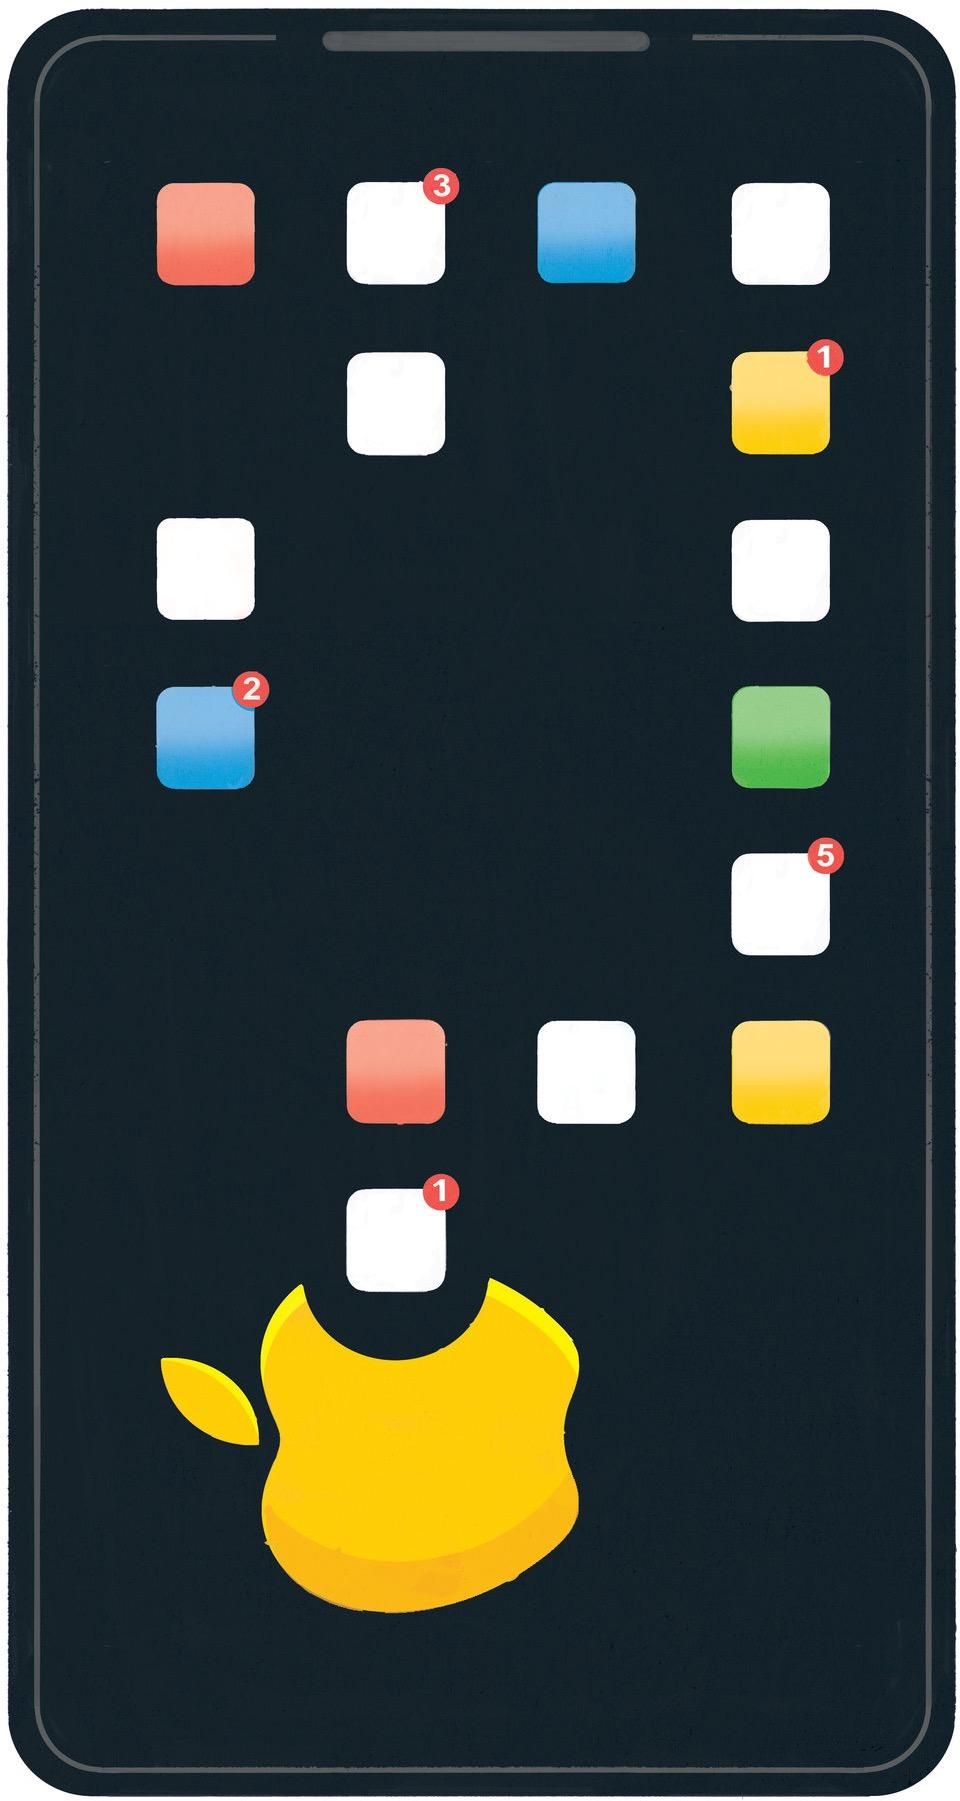 Ilustração do The New York Times sobre a Apple removendo aplicativos focados em controle de dados da App Store